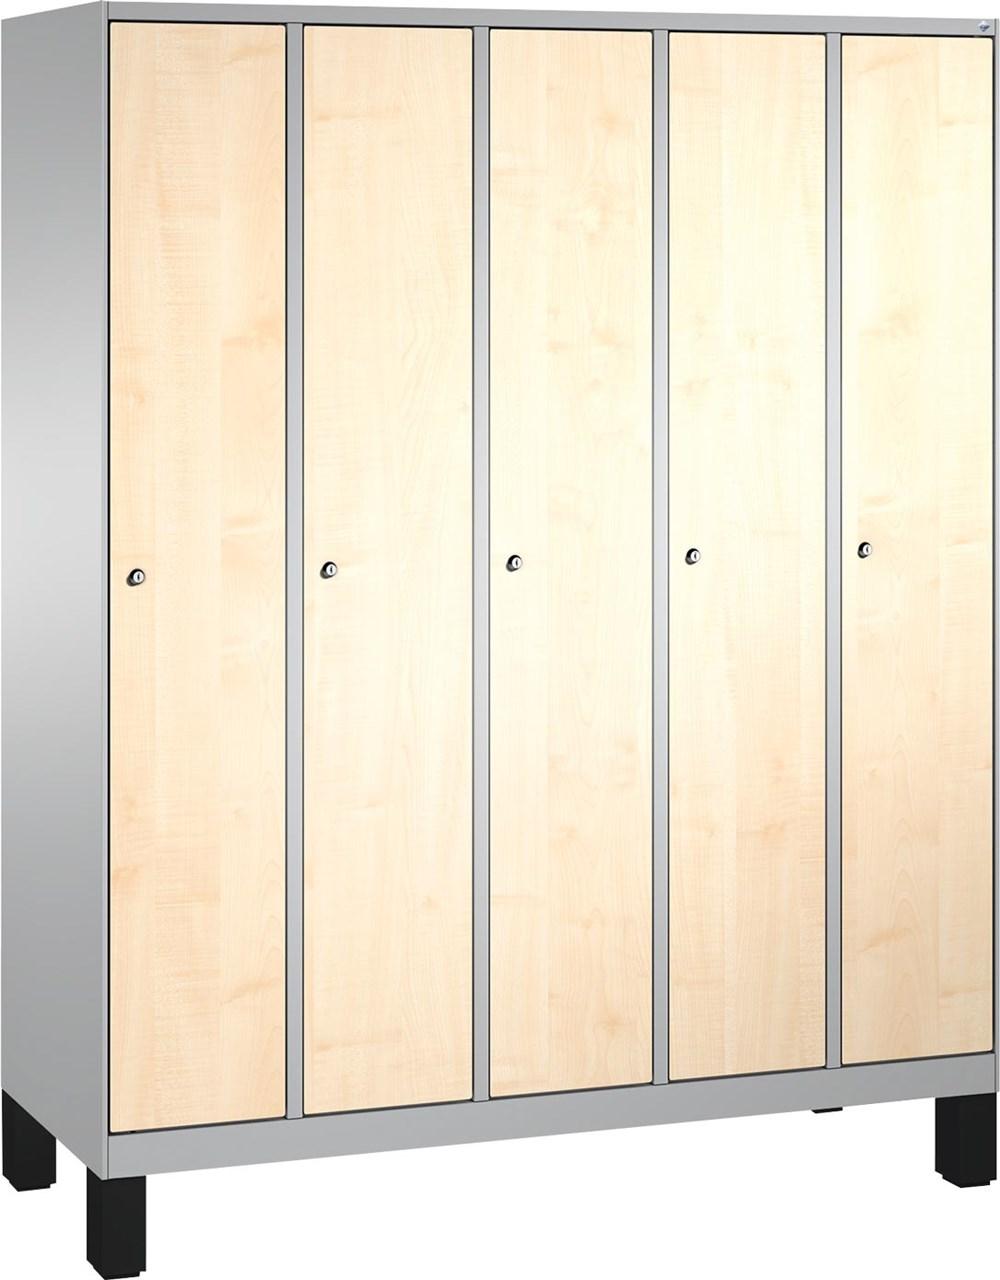 Geräumig Garderobenschrank Groß Das Beste Von Bild Von Einteilig, 5 Fach S3000 Evolo